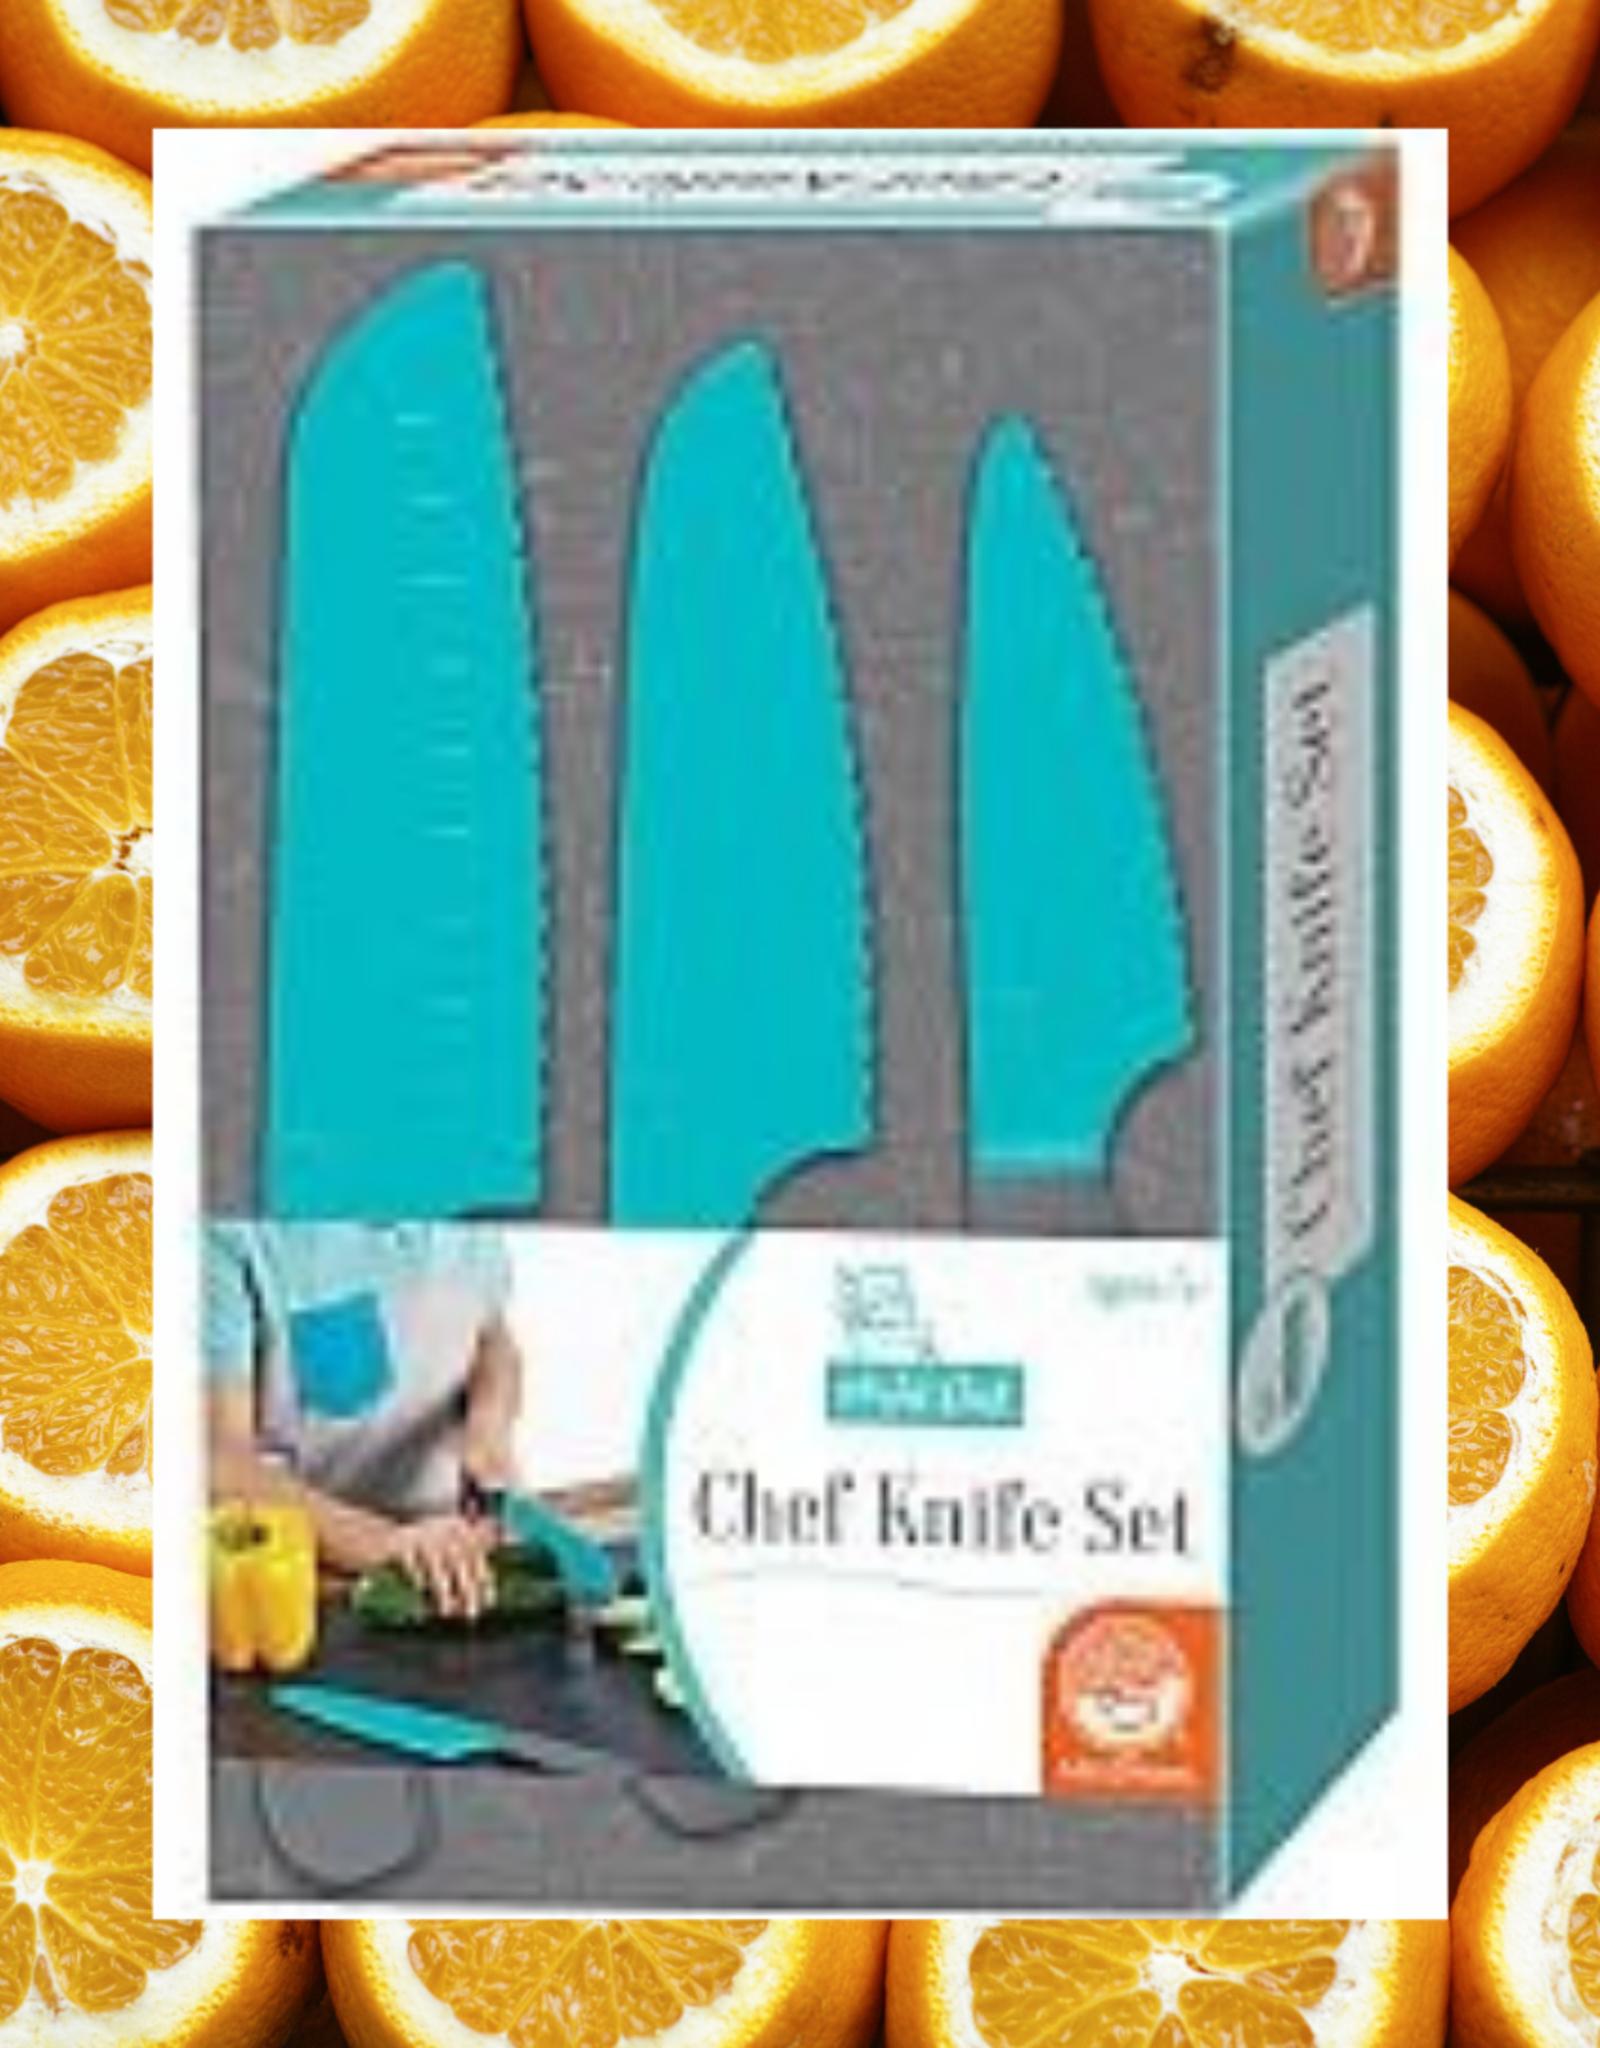 KNIFE SET SAFETY PLAYFUL